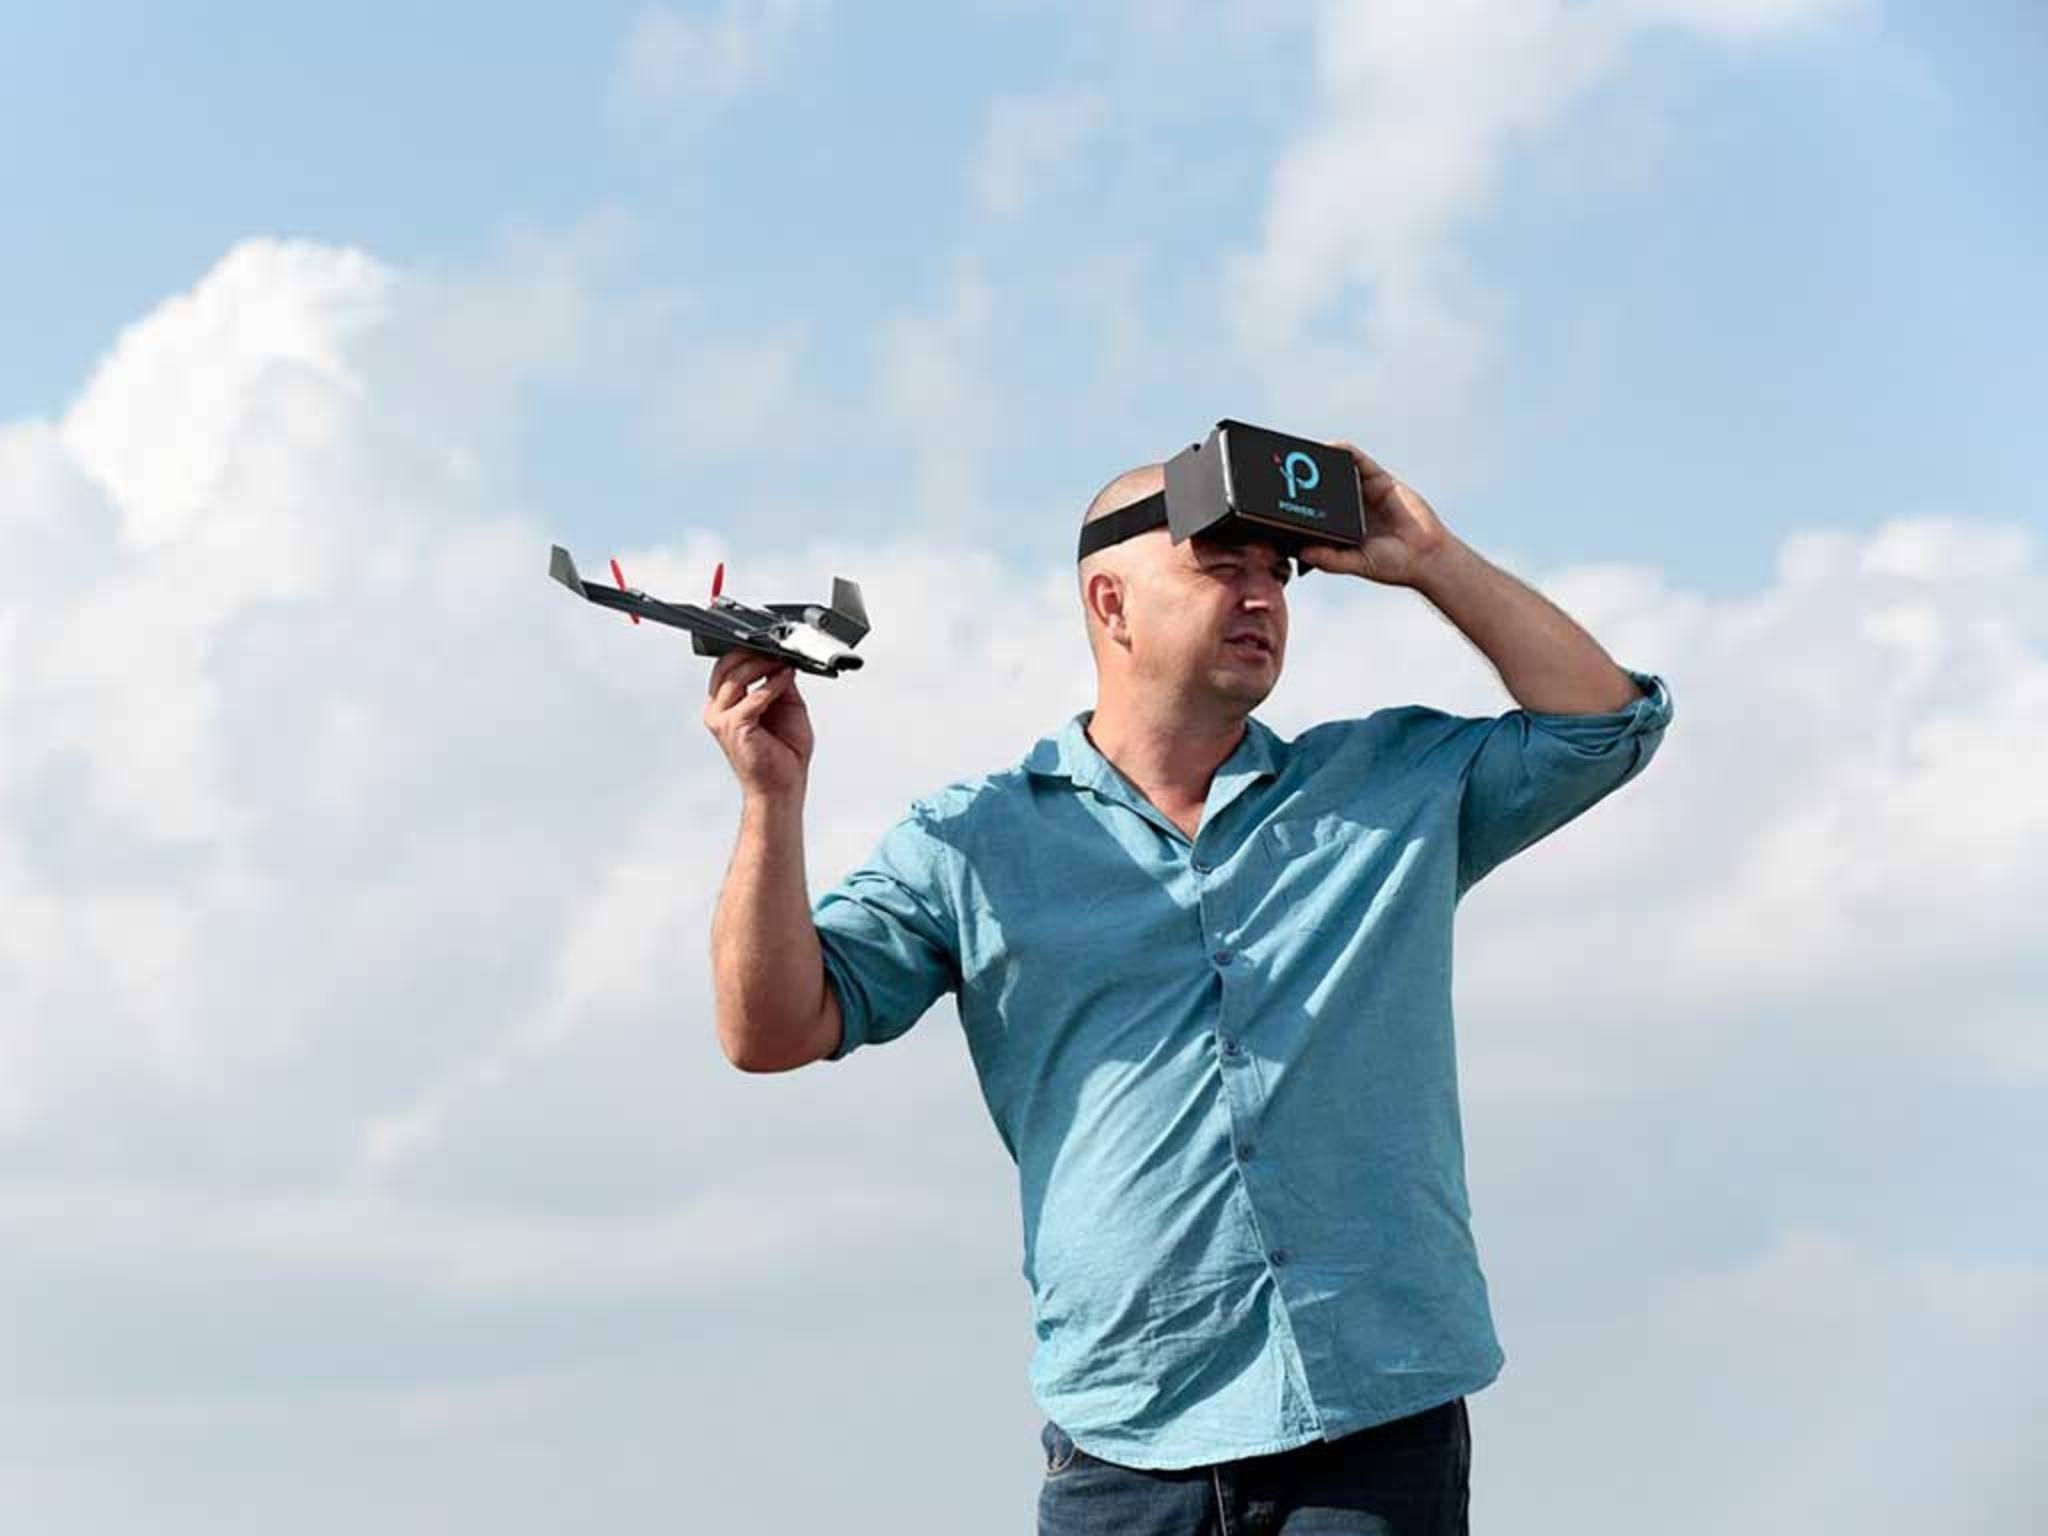 Die PowerUp-Drohne lässt sich per VR-Brille steuern.